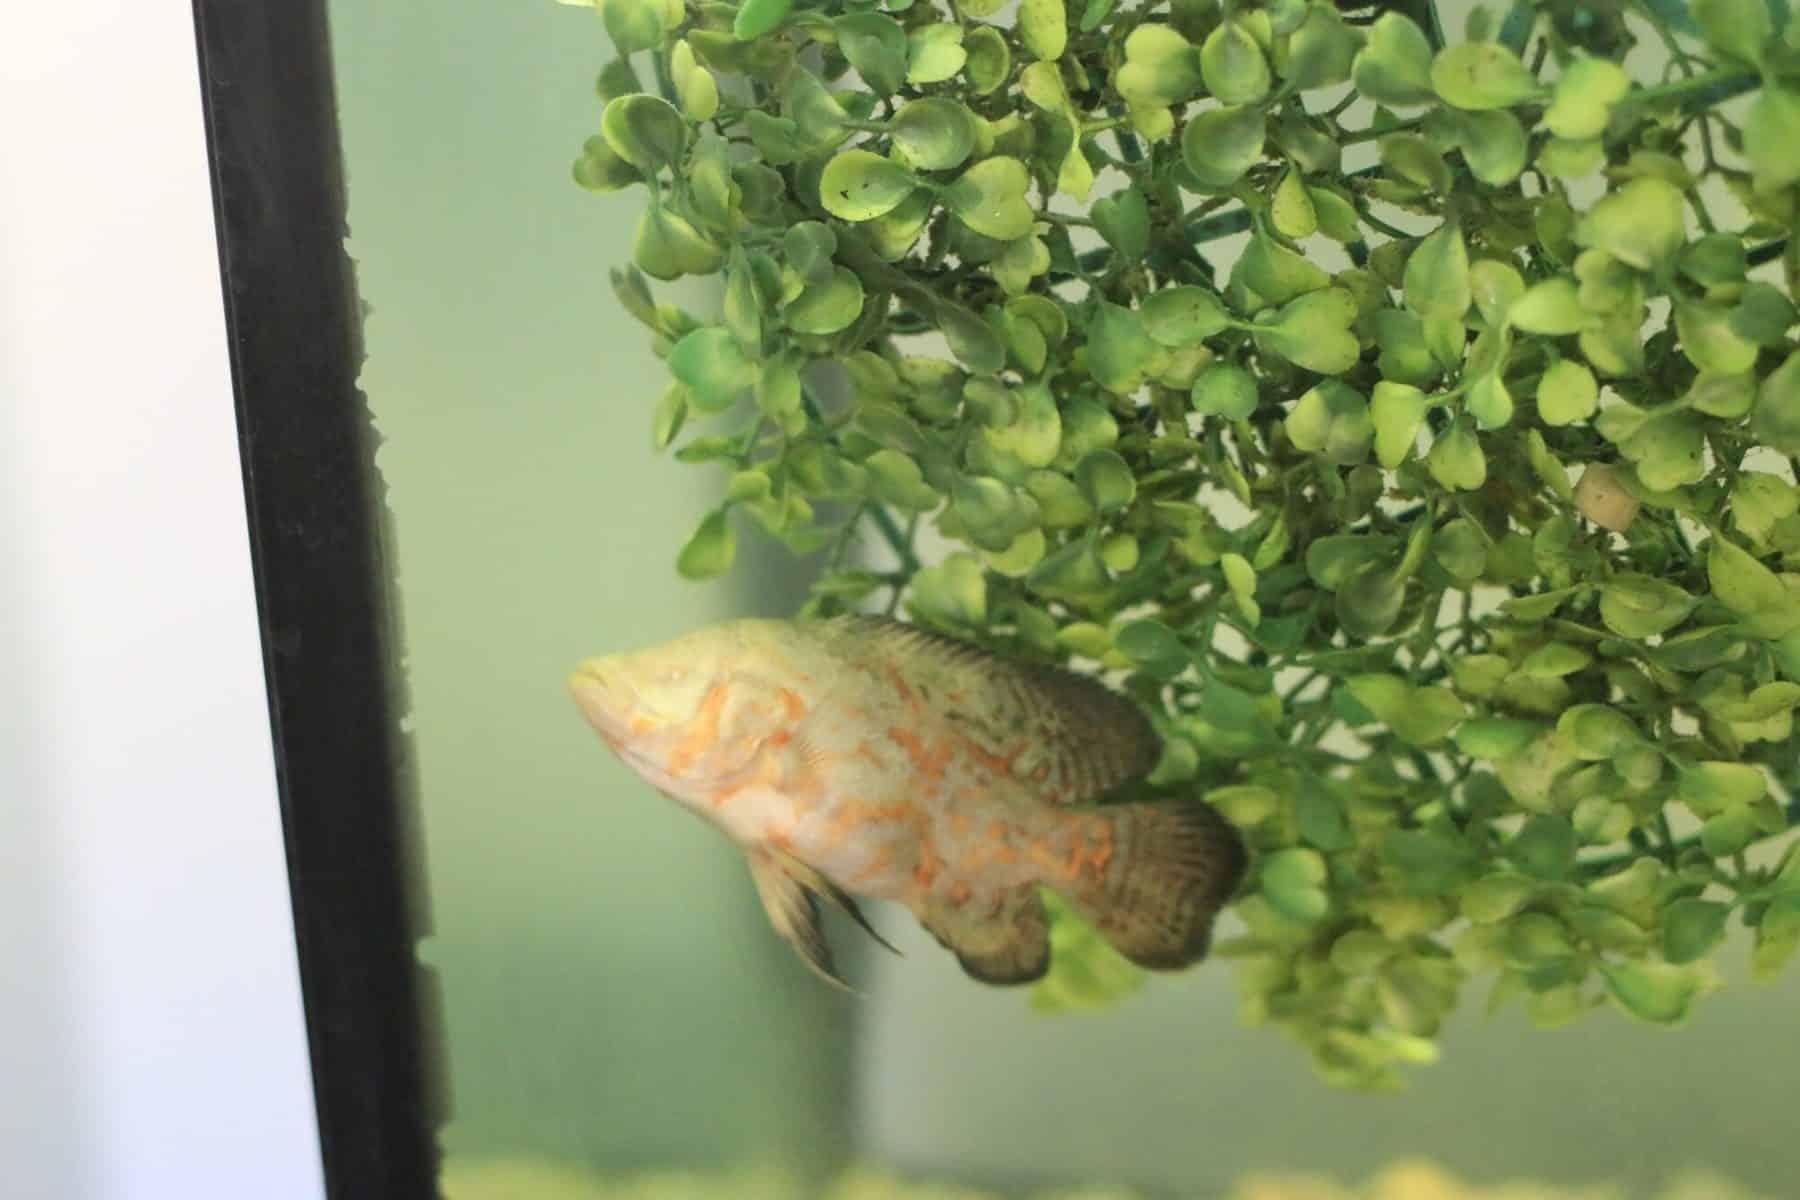 albino oscar fish in aquarium